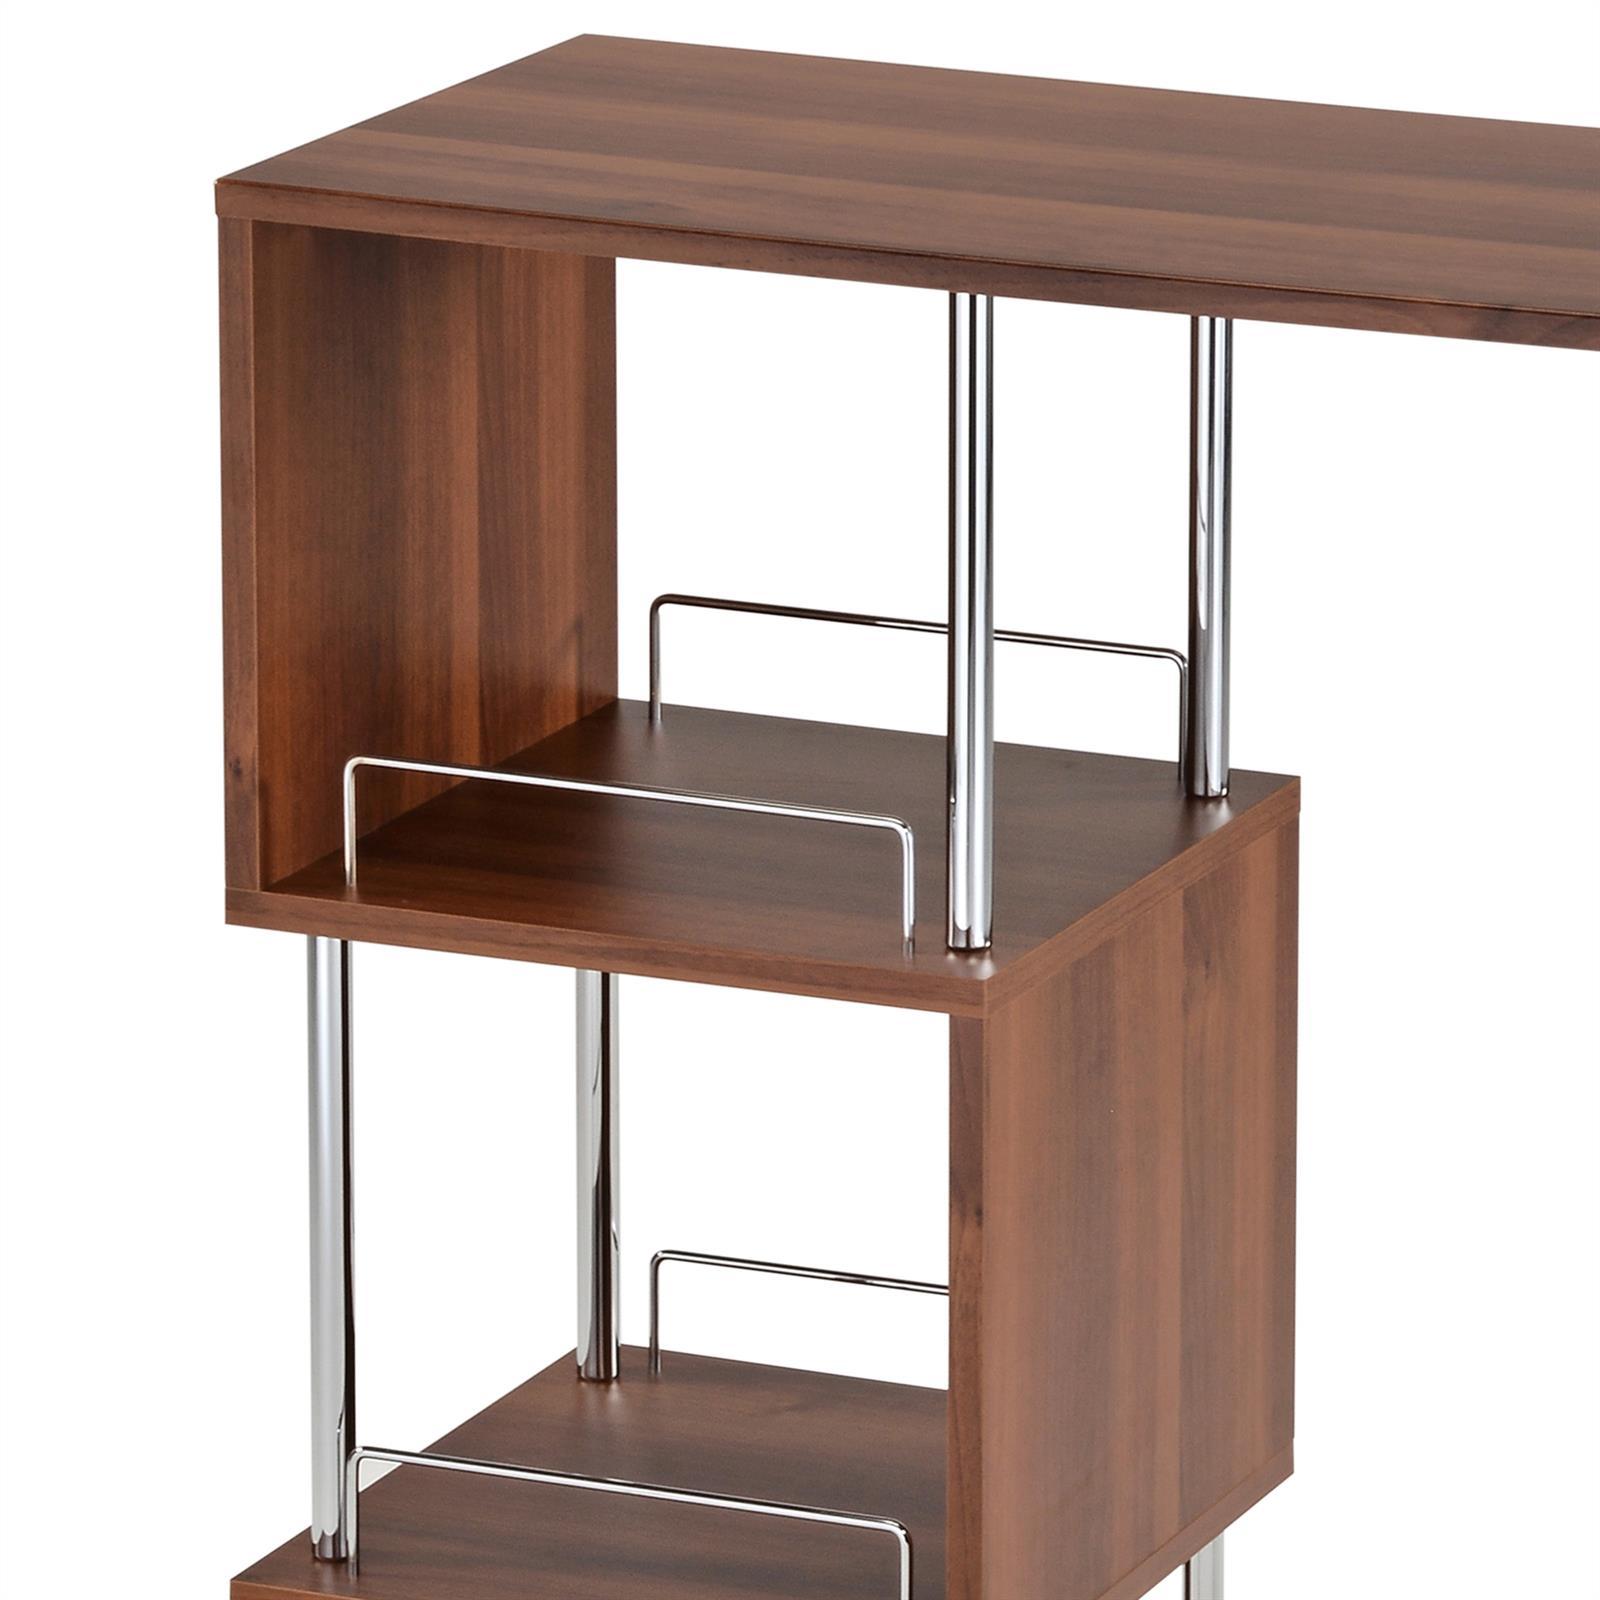 bartisch stehtisch bartresen bistrotisch tresentisch in 6 farben mit stauraum ebay. Black Bedroom Furniture Sets. Home Design Ideas